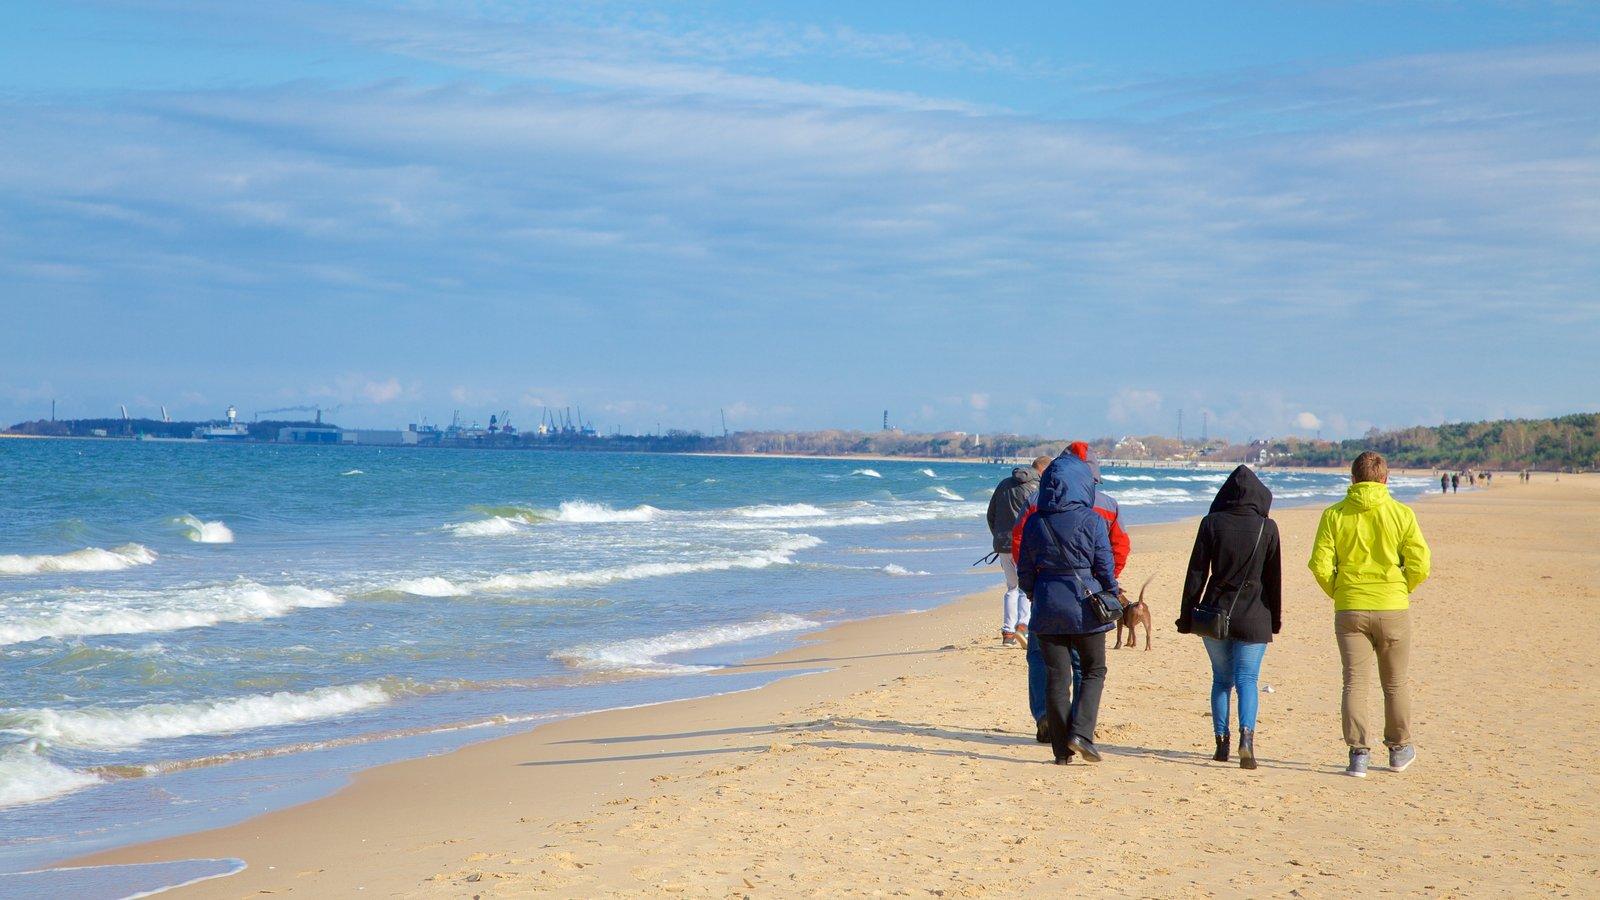 Praia Jelitkowo caracterizando uma praia assim como um pequeno grupo de pessoas